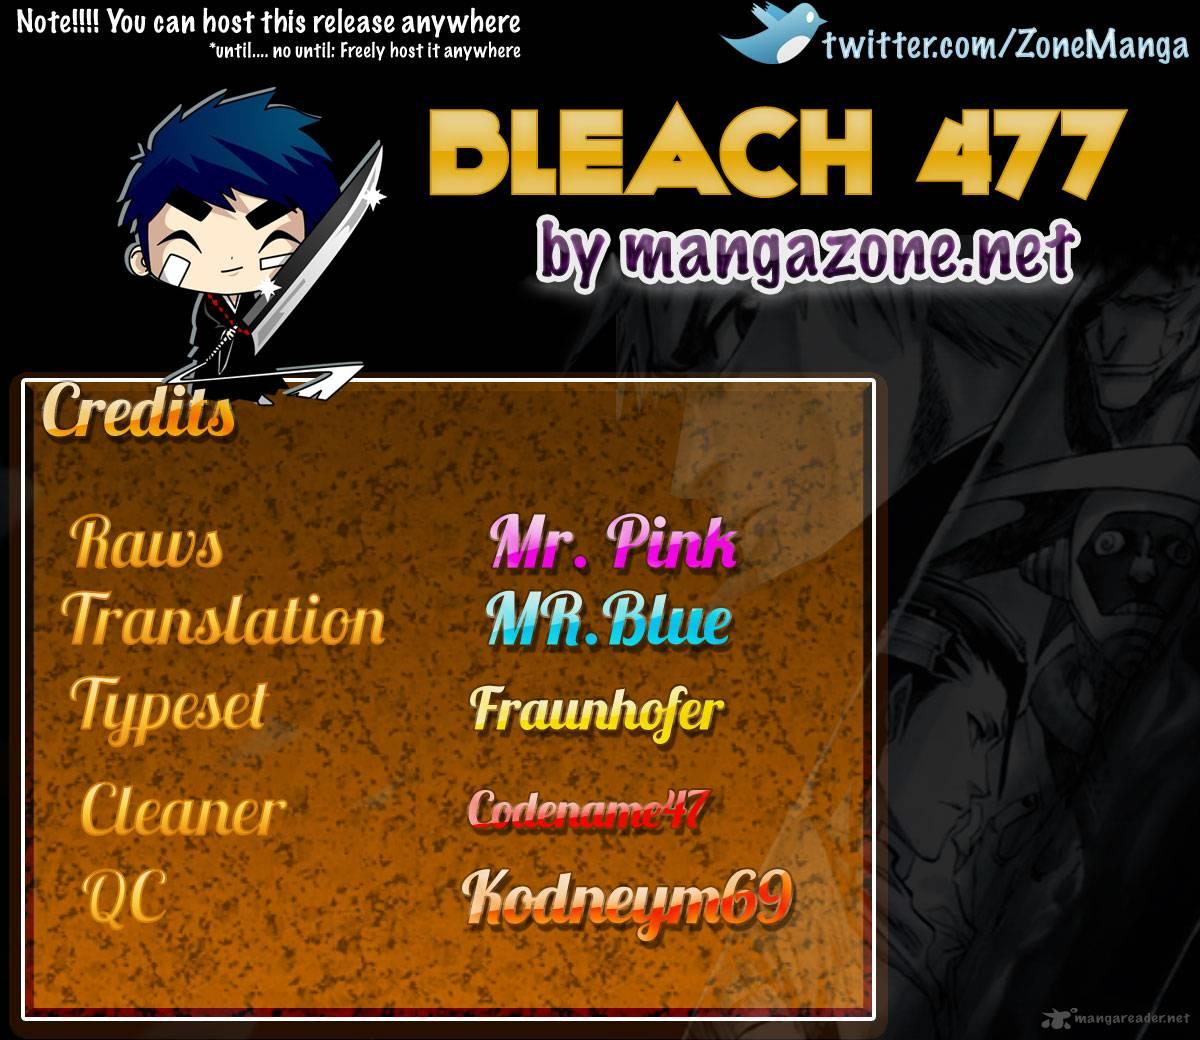 xem truyen moi - Bleach - Chapter 477